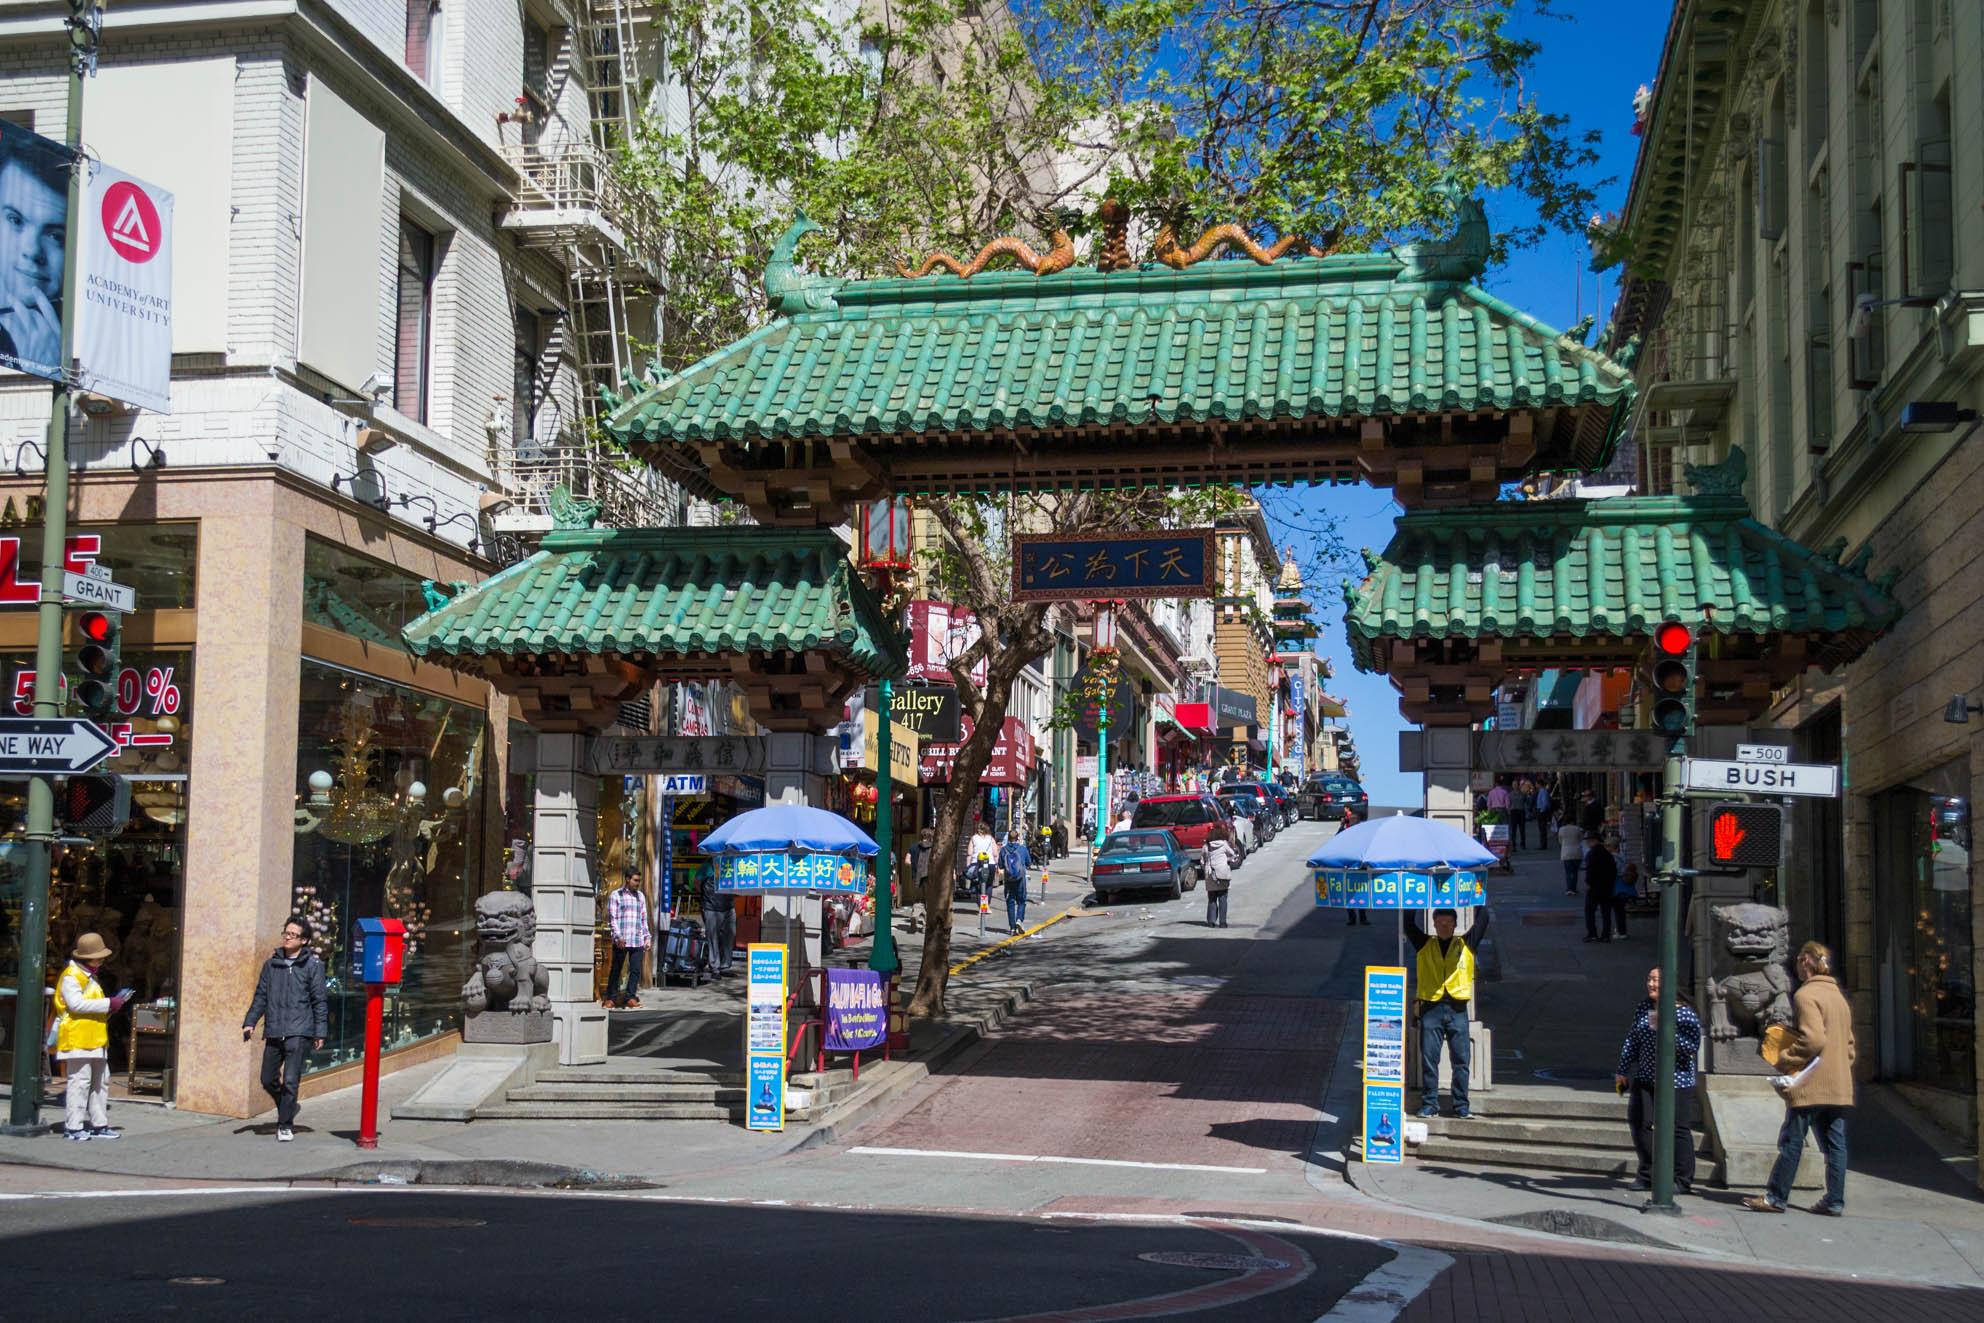 La fameuse porte d'entrée de Chinatown